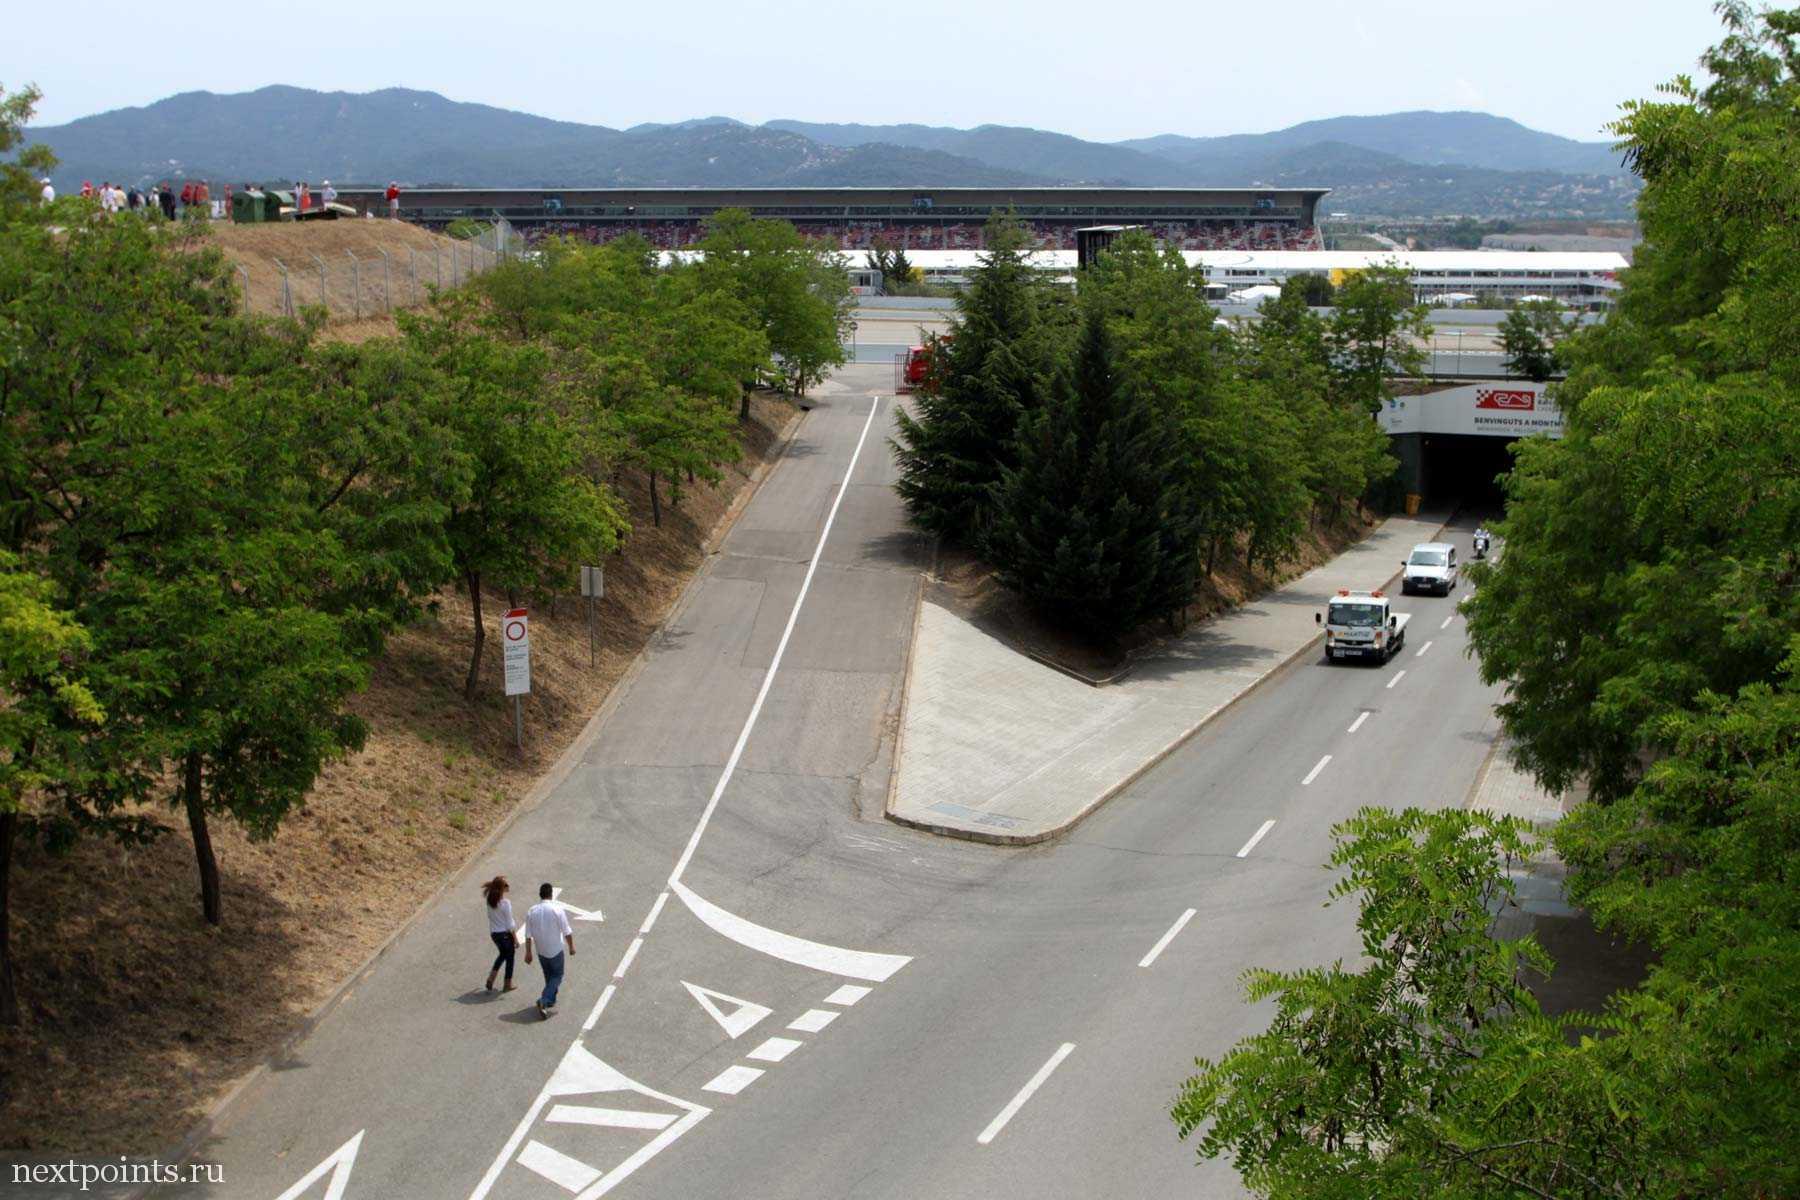 Внутритрековые дороги трассы Формулы 1 в Испании